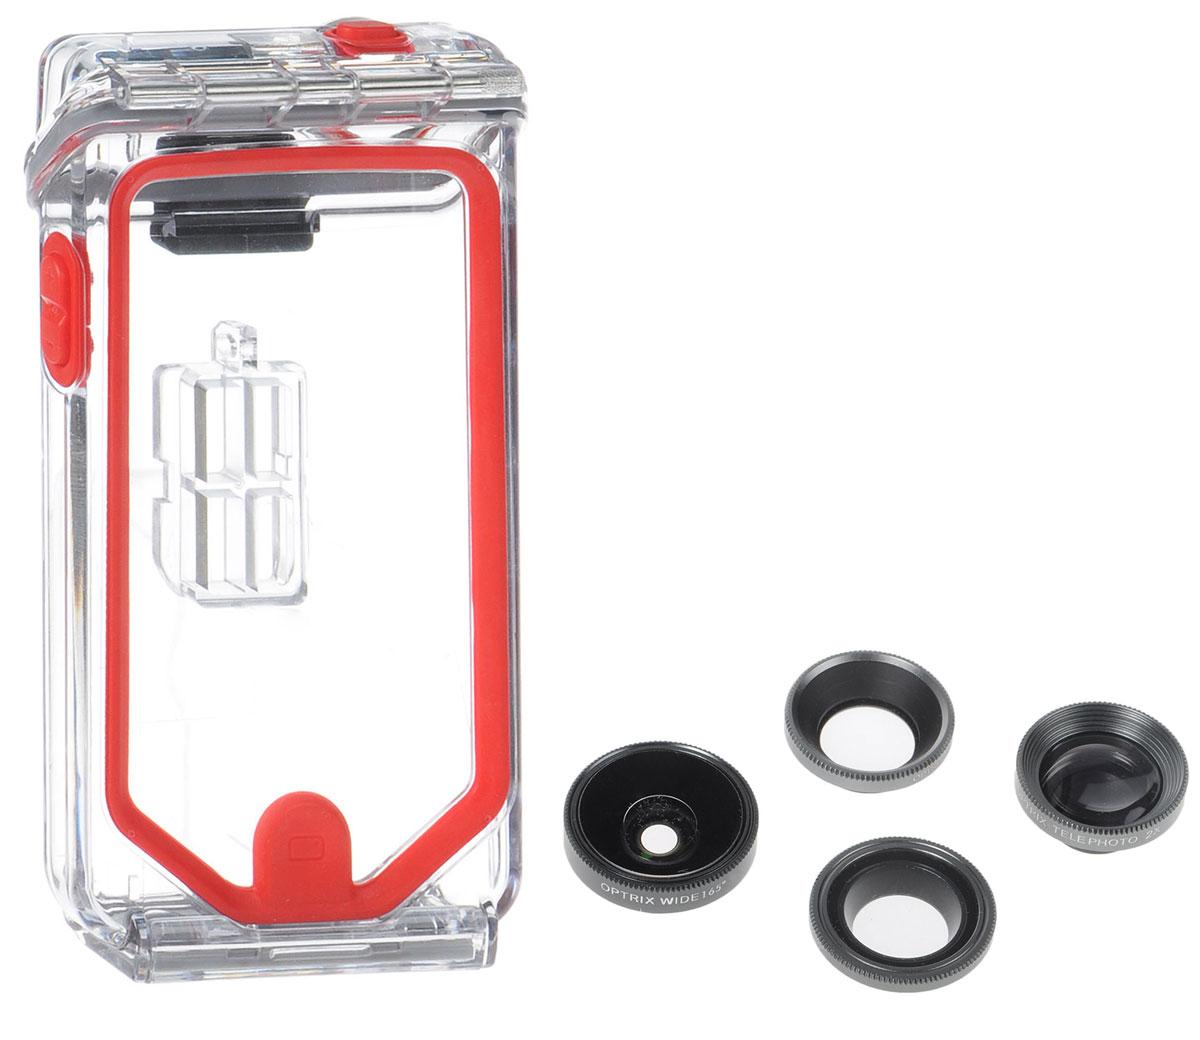 Optrix Photo Pro FS-94678 чехол для Apple iPhone 5/5s/SE с комплектом аксессуаров для фотосъемкиFS-94678Optrix Photo Pro FS-94678 - набор для создания уникальных фотографий и видео при помощи вашего iPhone 5/5s/SE. Ультралегкий защитный корпус обеспечит сохранность устройства в любых экстремальных условиях, тогда как сменные линзы значительно расширят возможности его камеры. Чехол отличается надежной конструкцией, превращающей ваш iPhone в полноценную экшн-камеру: съемка во время сплава по реке, велопрогулки, катания на лыжах, пляжного отдыха - все это возможно теперь при помощи Apple iPhone 5/5s/SE. 100% водонепроницаемость при погружении на глубину до 4,5 м (соответствует стандарту IP68) Ударопрочность: выдерживает падение с высоты до 6,1 м (соответствует стандарту MIL-STD-810G) Сверхпрочный корпус, сохраняющий весь функционал смартфона Специальная защитная мембрана сохраняет все свойства сенсорного экрана Подходит к широкому ассортименту креплений